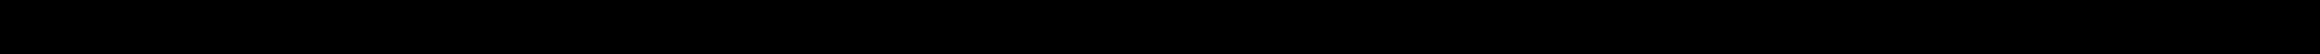 MANN-FILTER 1H0 819 638, 1H0 819 638 A, 1H0 819 638 B, 1H0 819 644, 1H0 819 644 A Kabineluftfilter